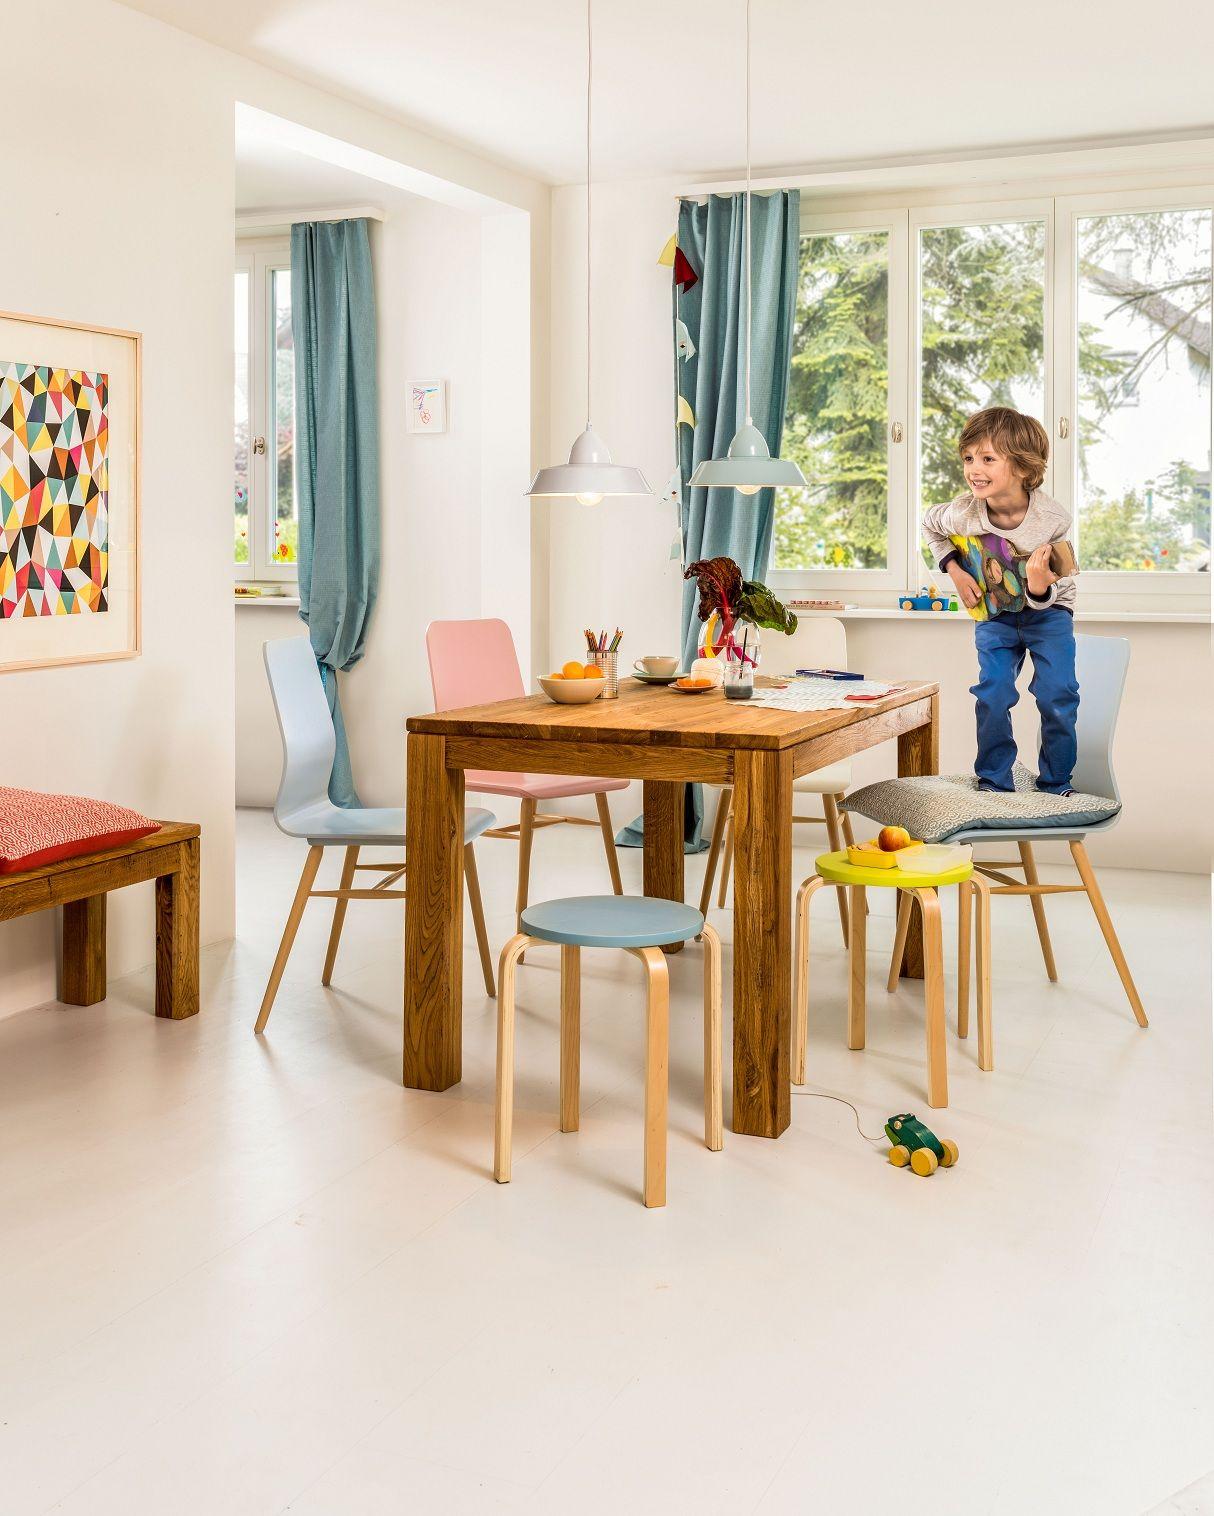 Esstisch sthle excellent tisch und stuhle gunstig architektur esstisch mit stuhlen with - Essecke roller ...